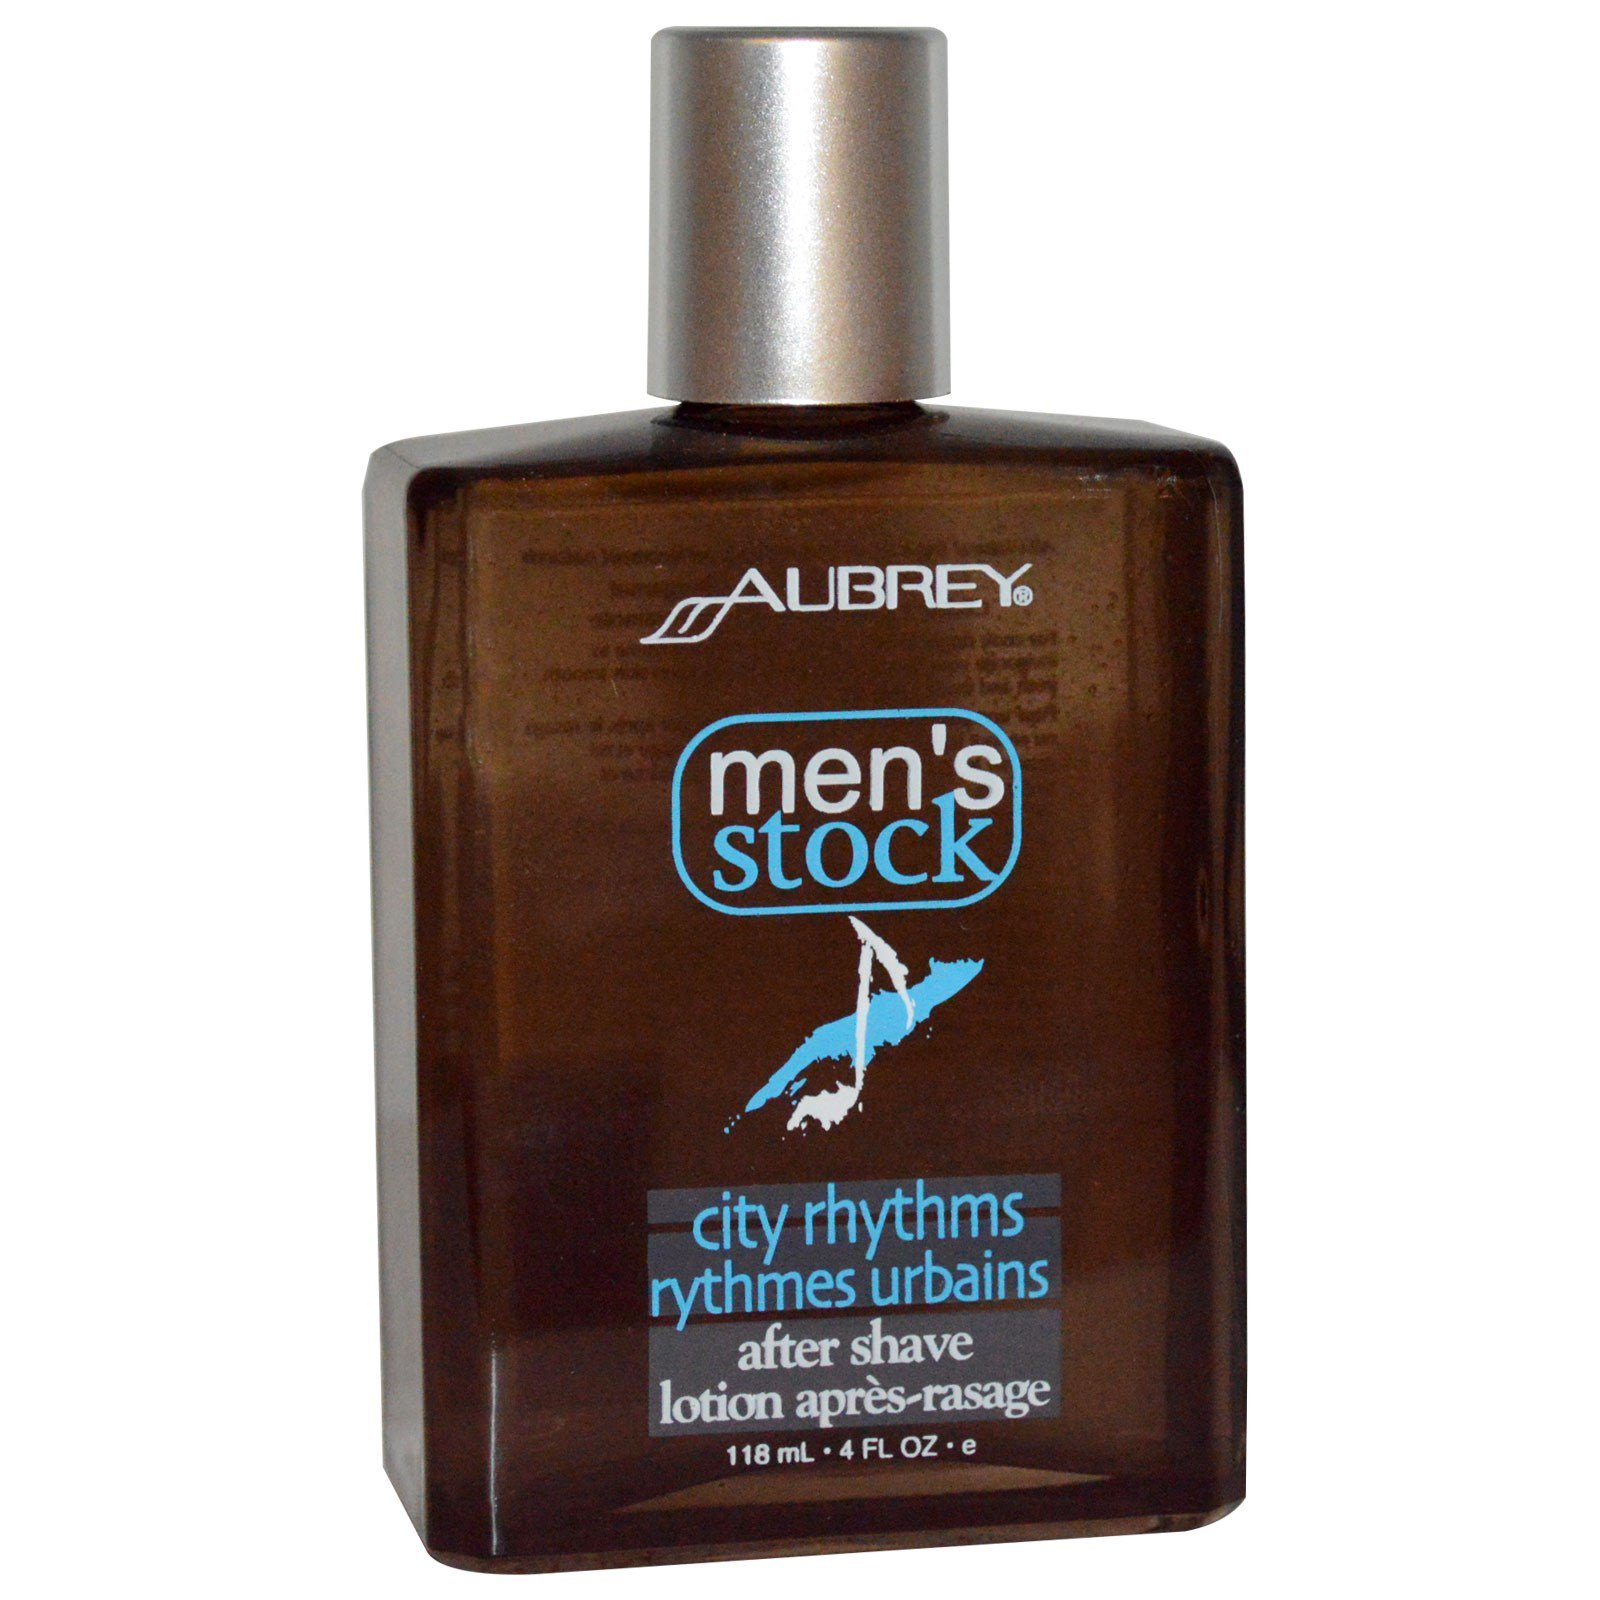 Aubrey Organics, Men's Stock, лосьон после бриться, 4 жидких унции (118 мл)